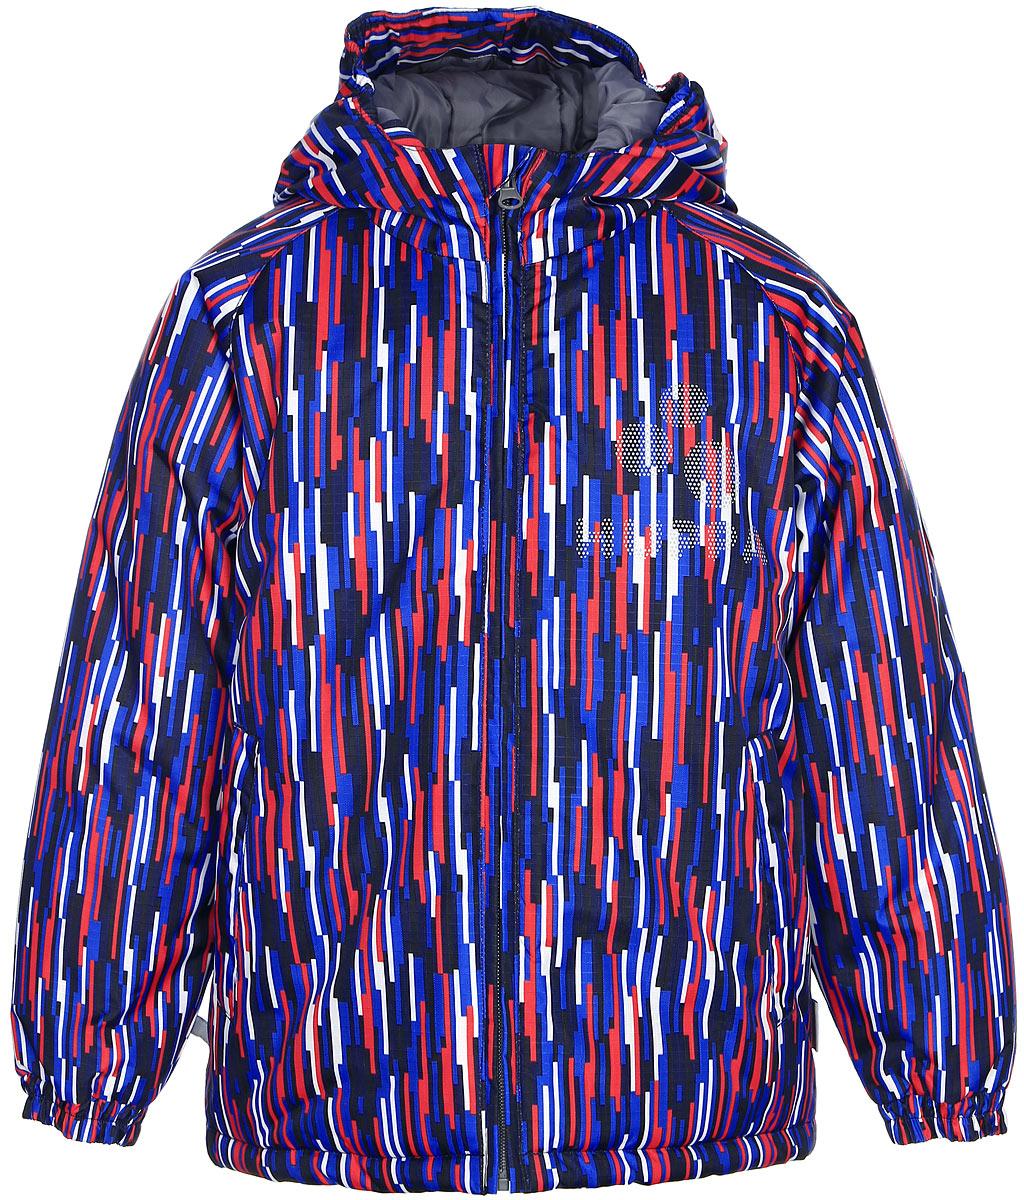 Куртка детская Huppa Classy, цвет: темно-синий. 17710030-586. Размер 10417710030-586Куртка для детей CLASSY. Водо и воздухонепроницаемость 10 000. Утеплитель 300 гр. Манжеты рукавов на резинке. Капюшон с резинкой. Имеются светоотражательные детали.